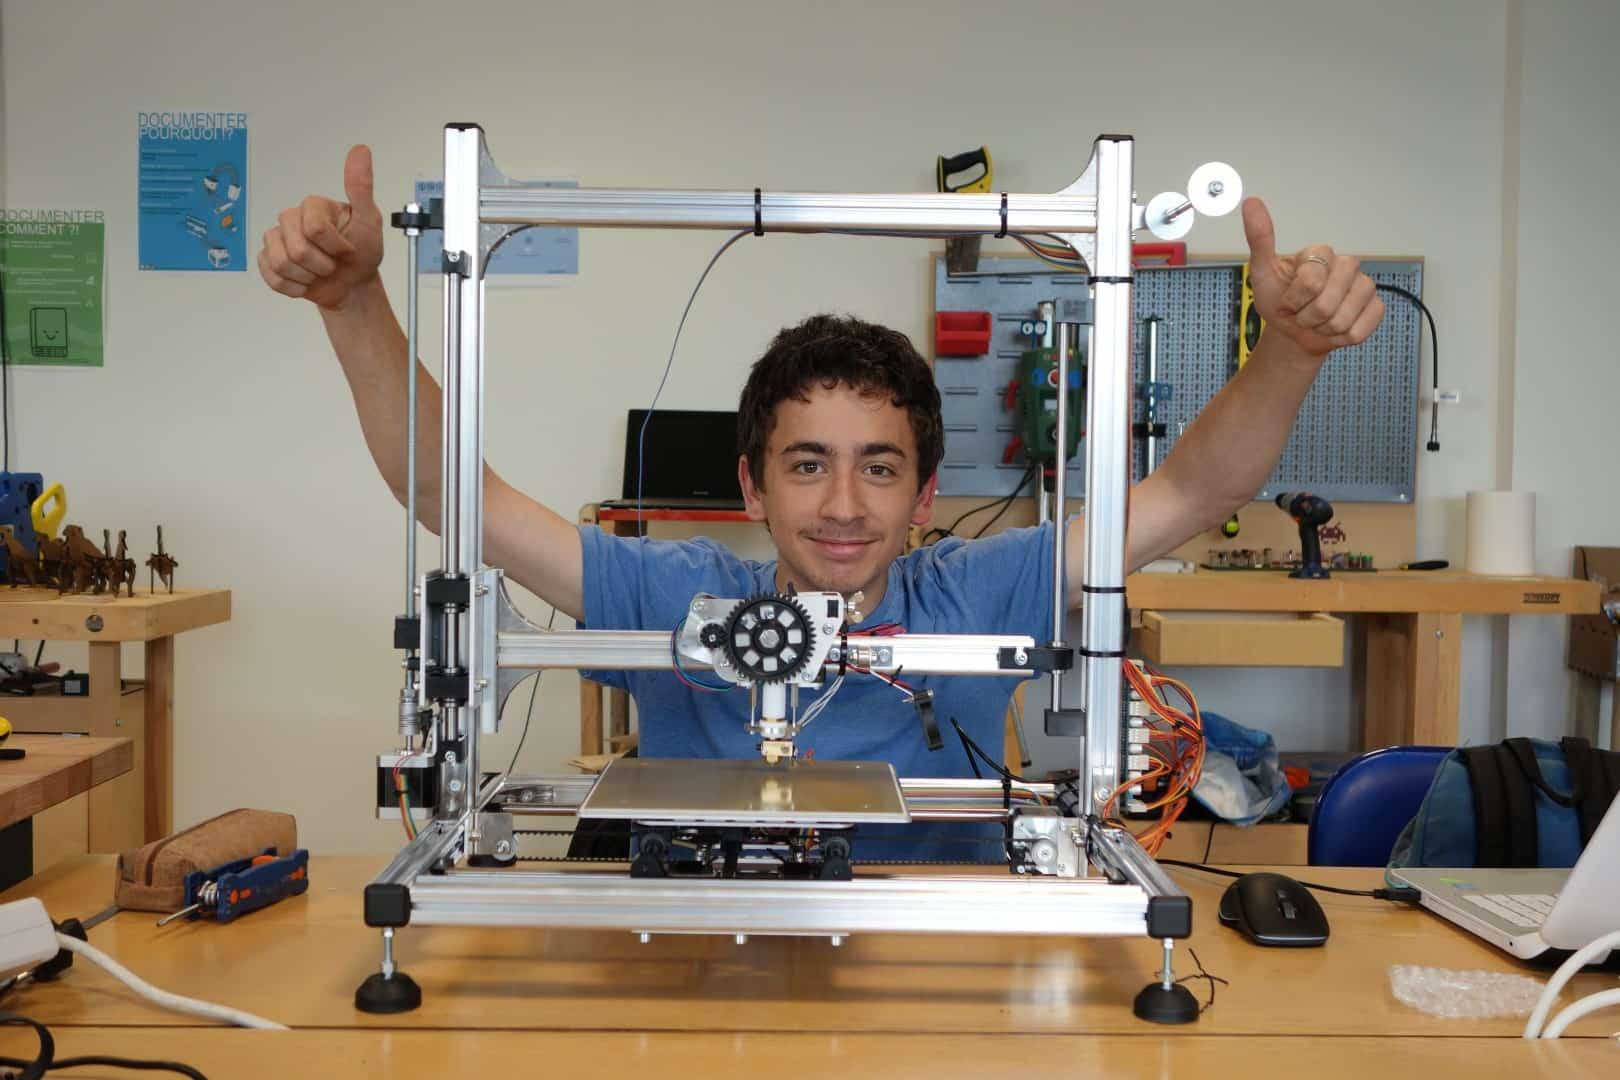 Rémi et son imprimante 3D en cours de montage